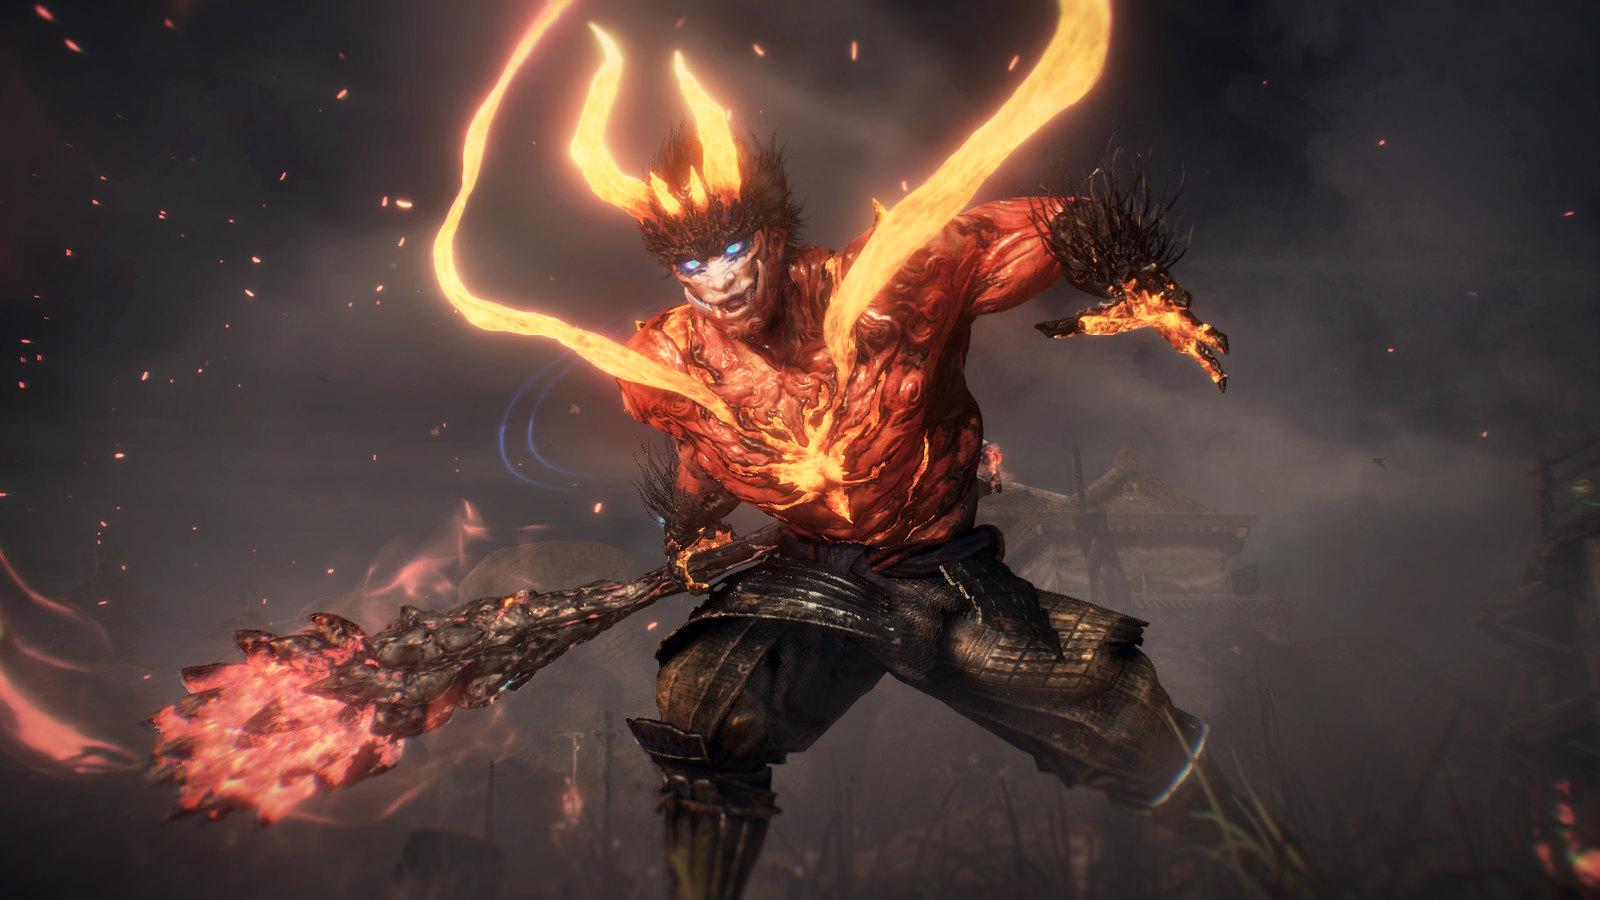 Tráiler de Nioh 2 para PS4 anunciado su llegada a principios de 2020